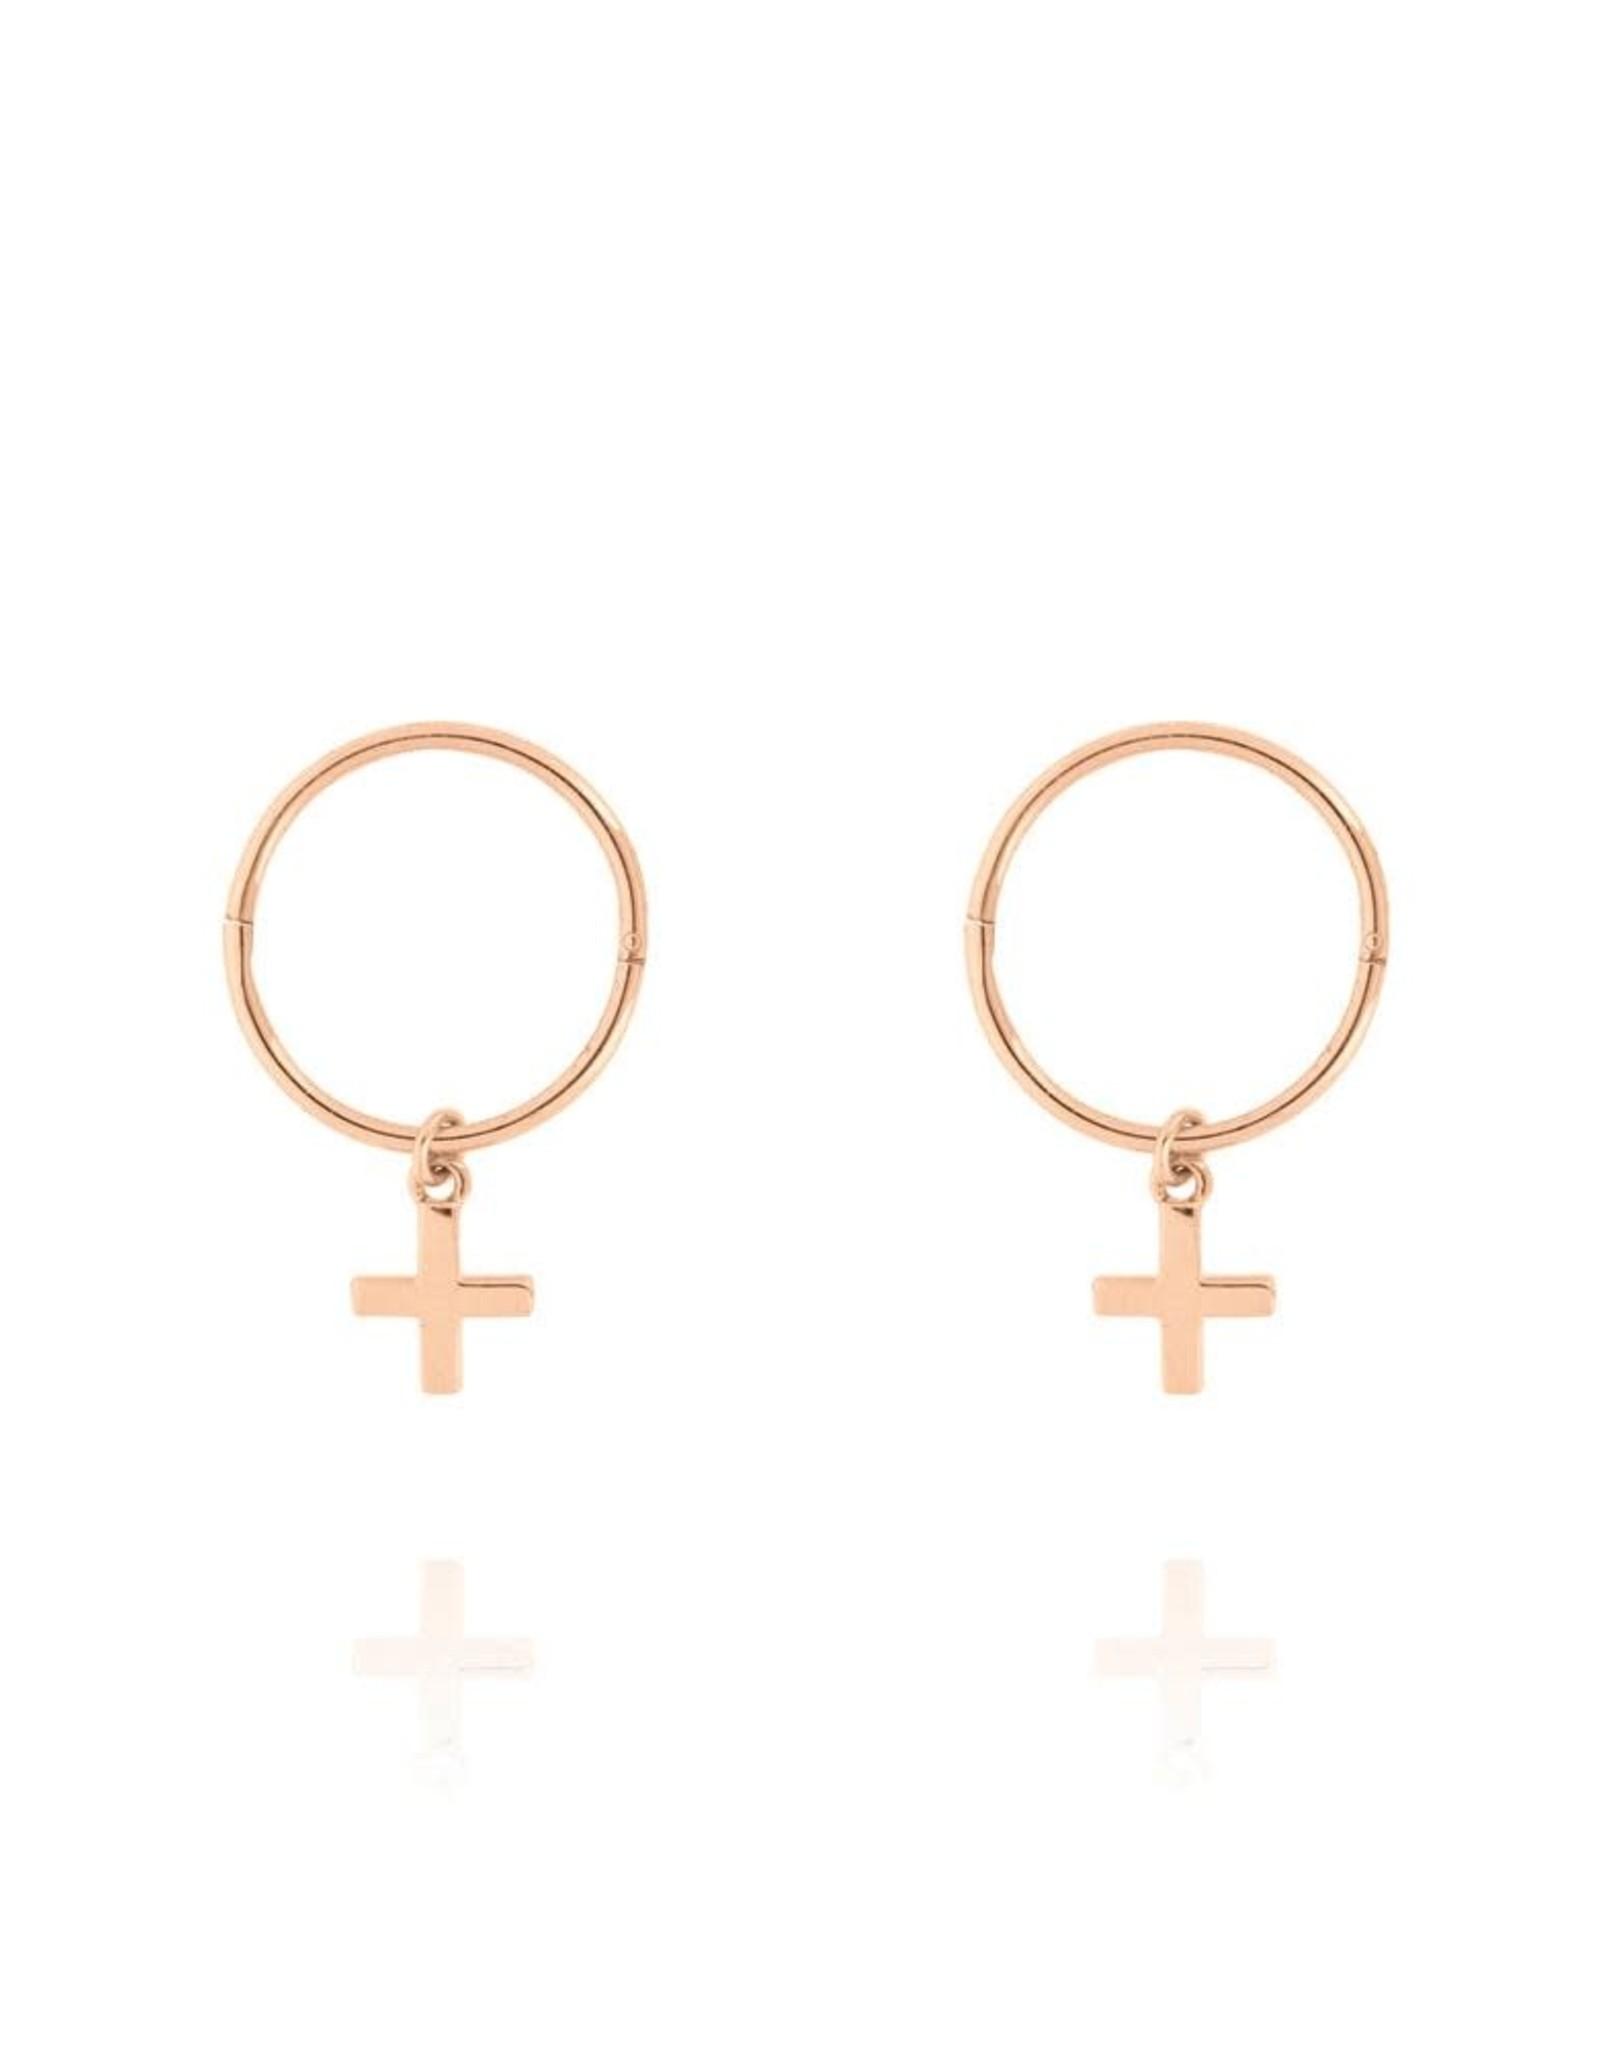 Cross Sleeper Hoop Earrings, Rose Gold